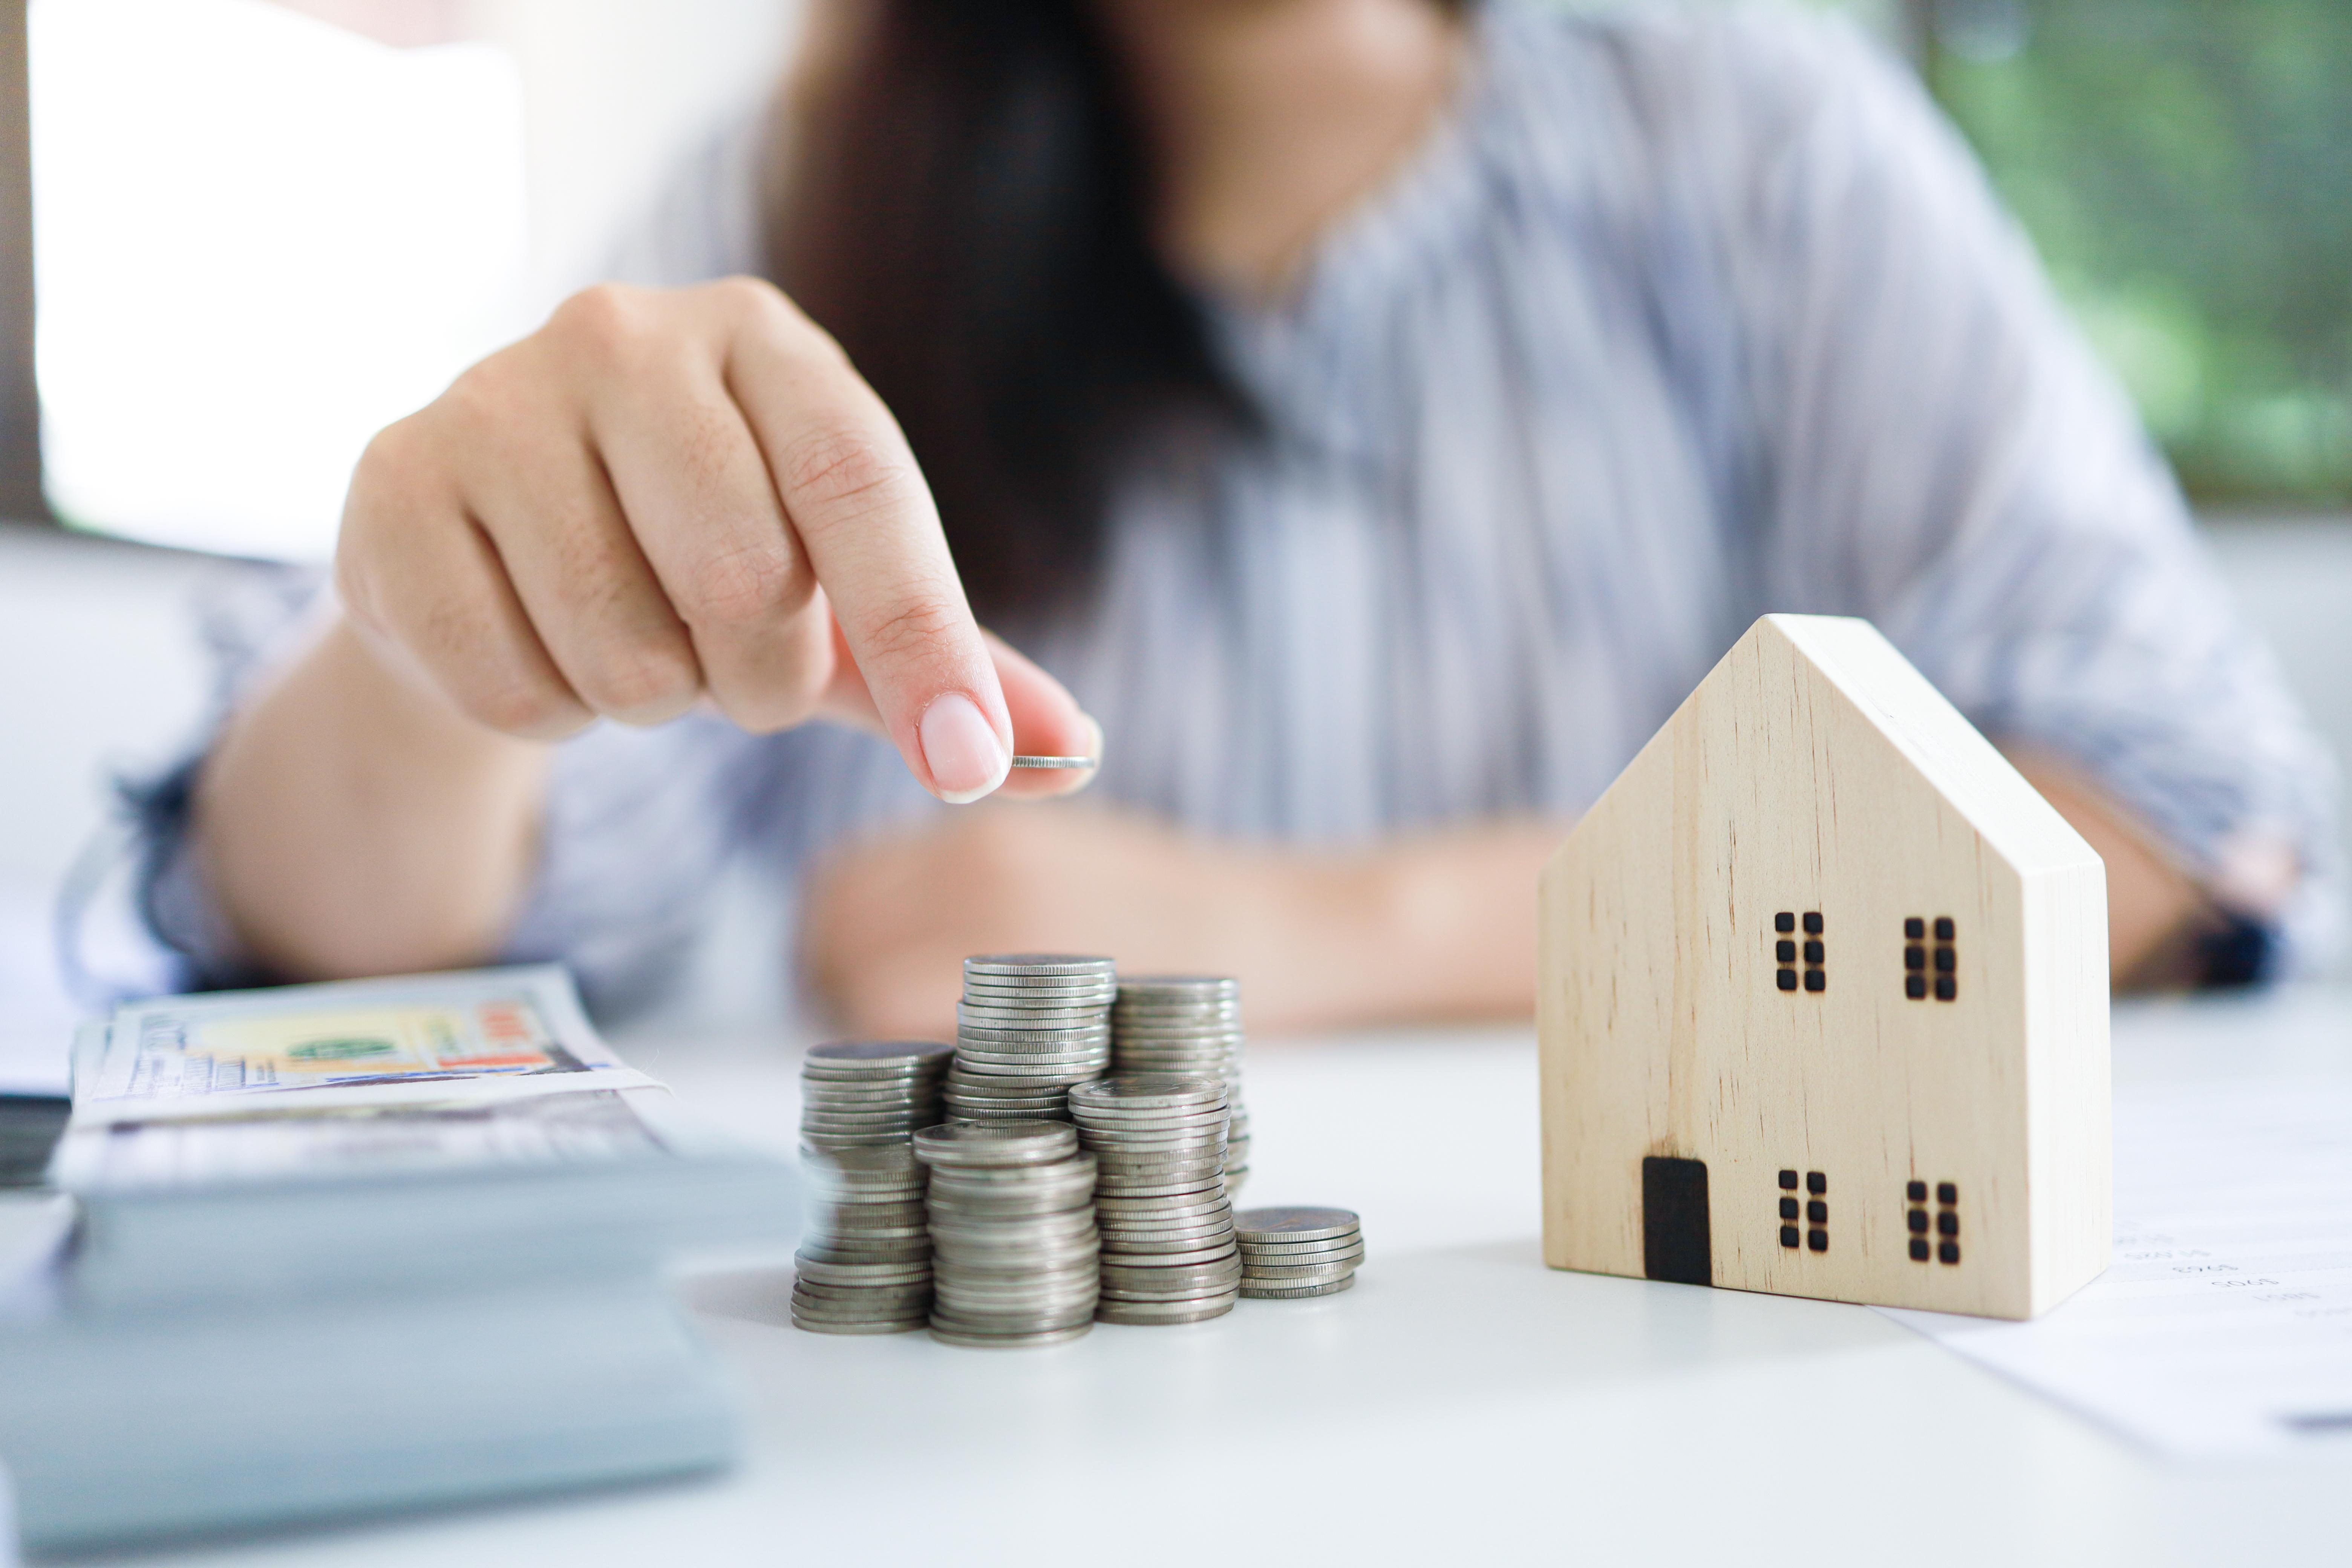 Este año, la asequibilidad de la vivienda también se ha convertido en un problema importante.